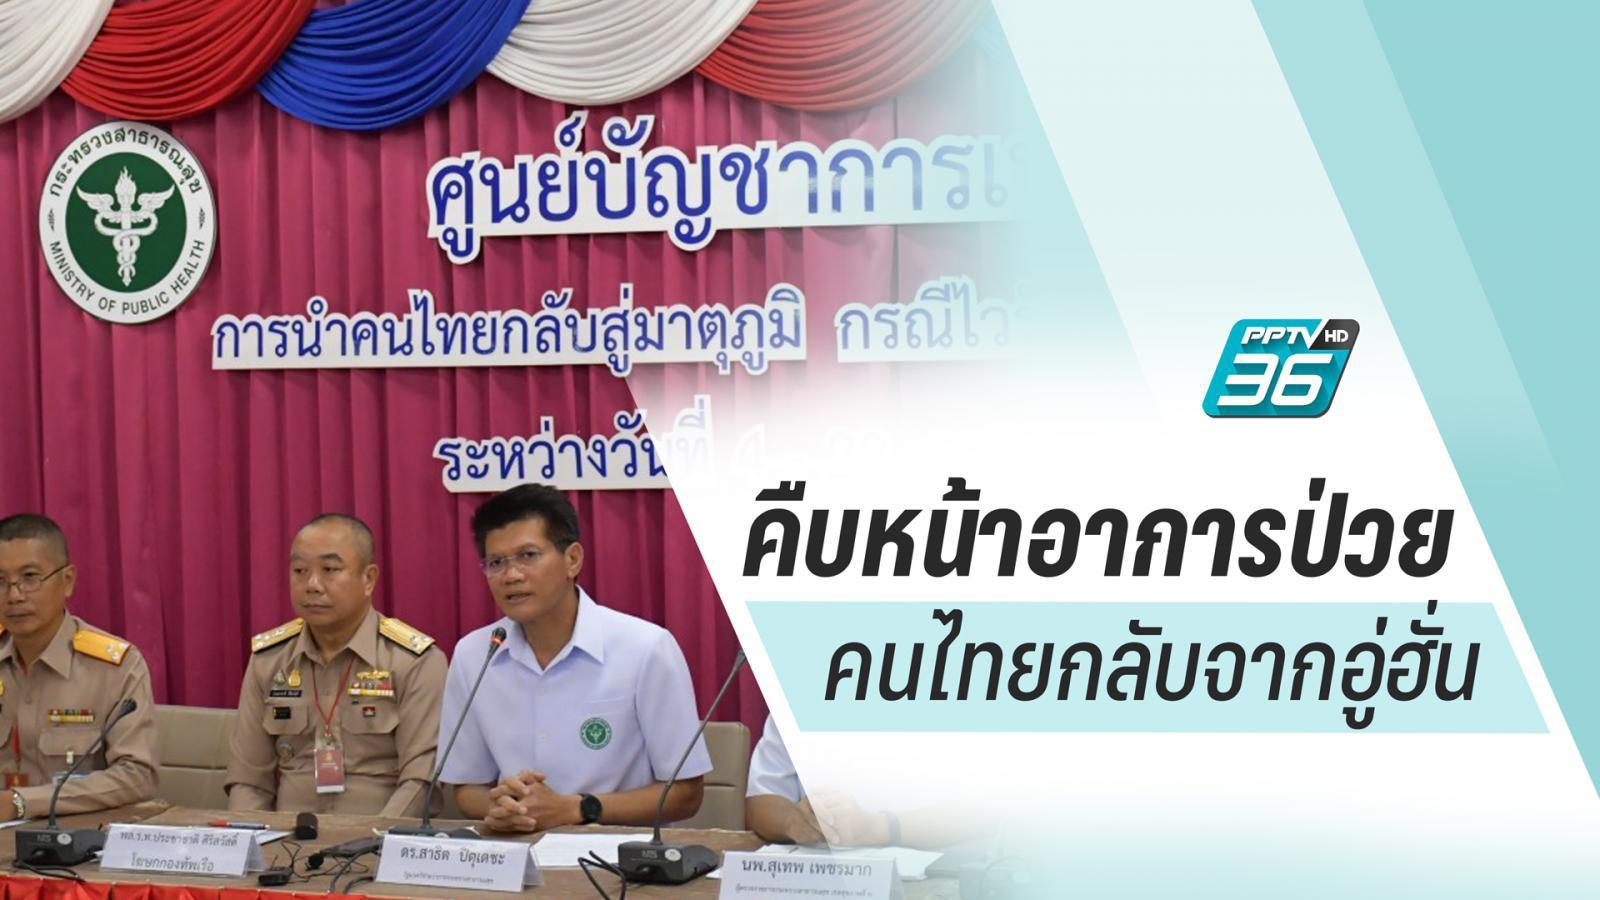 คนไทยกลับจากอู่ฮั่น เอ็กซเรย์ปอดผิดปกติเล็กน้อย 3 ราย